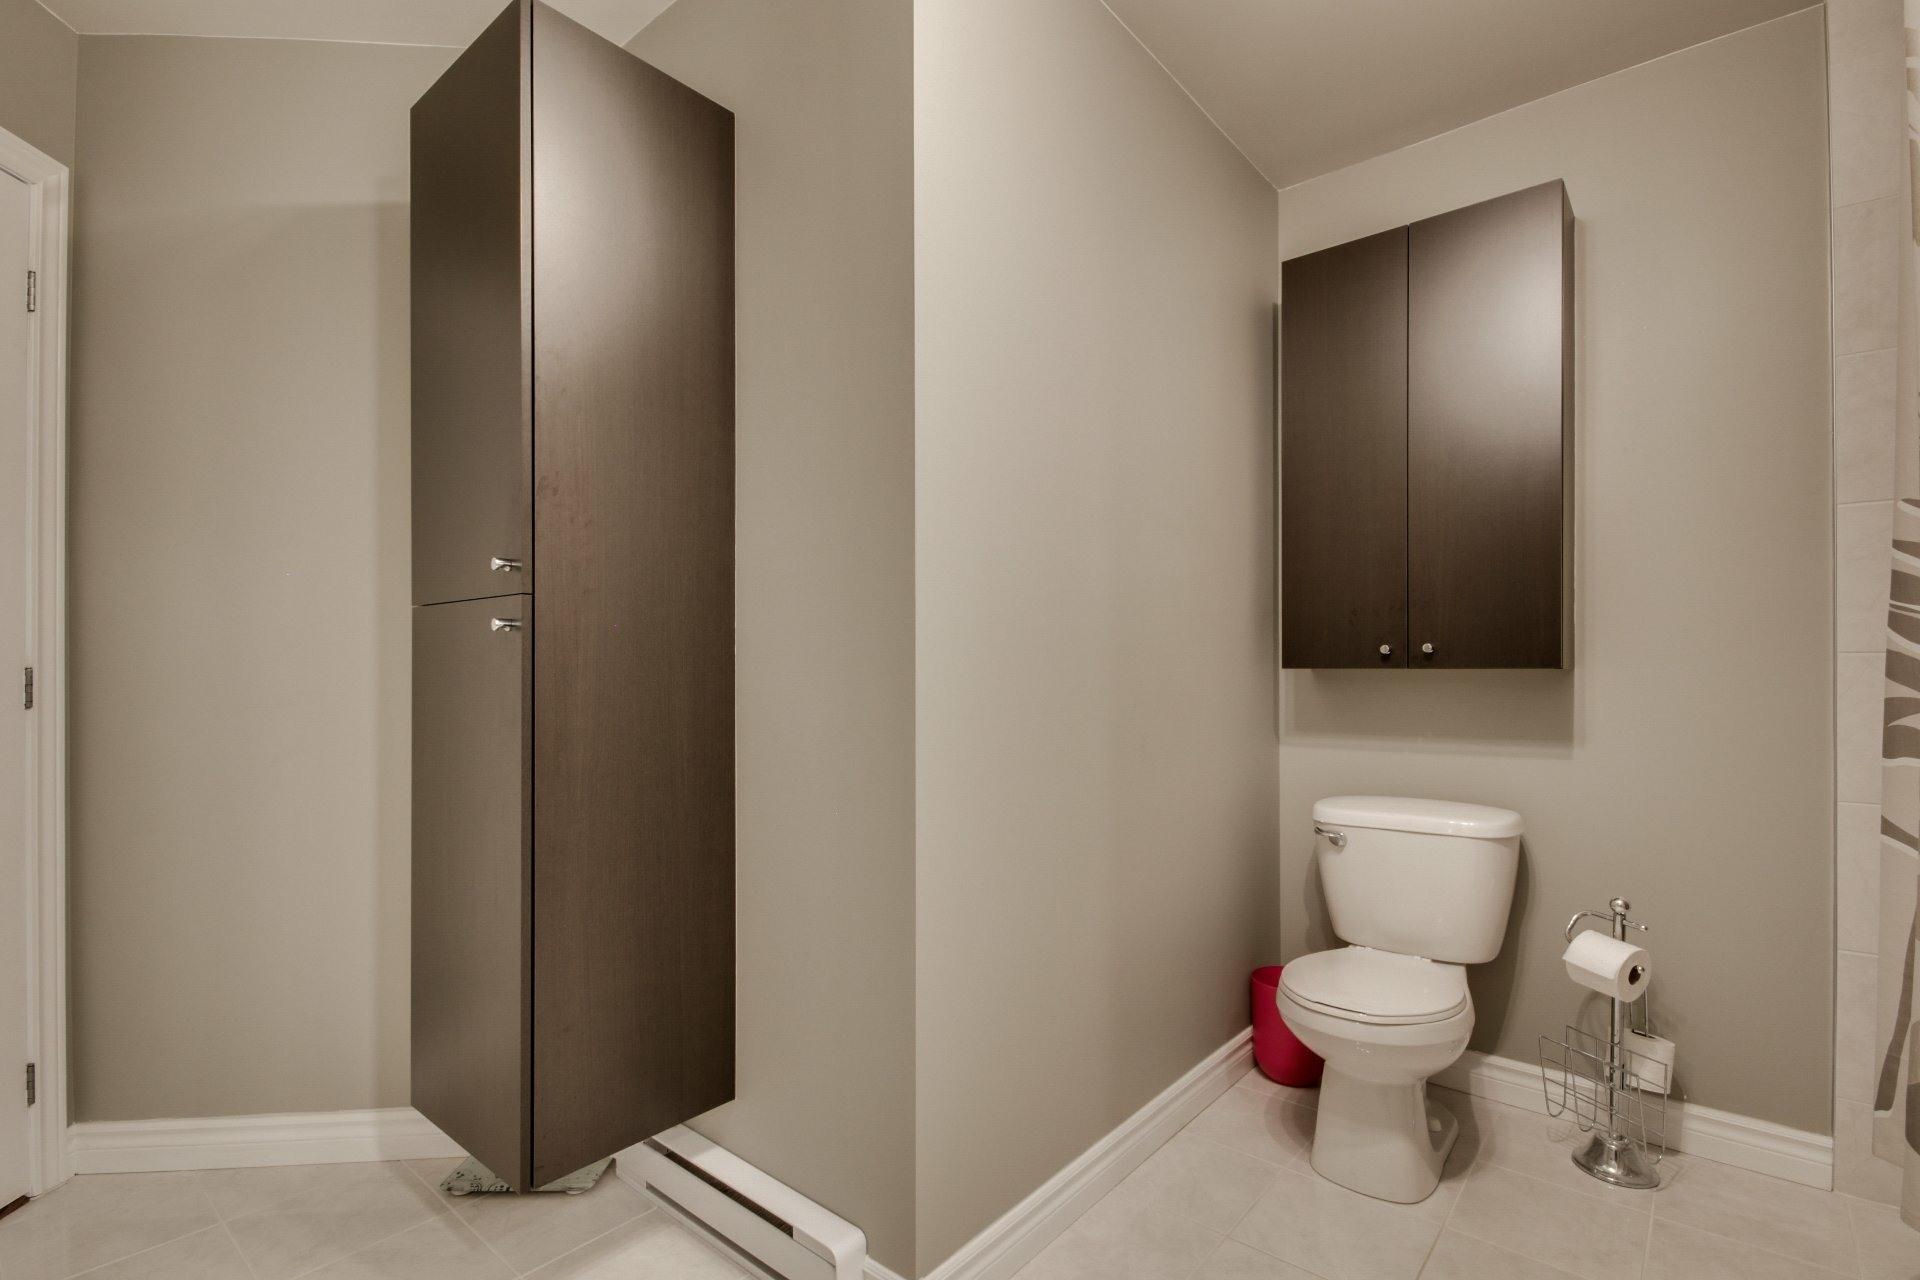 image 22 - Apartment For sale Trois-Rivières - 6 rooms